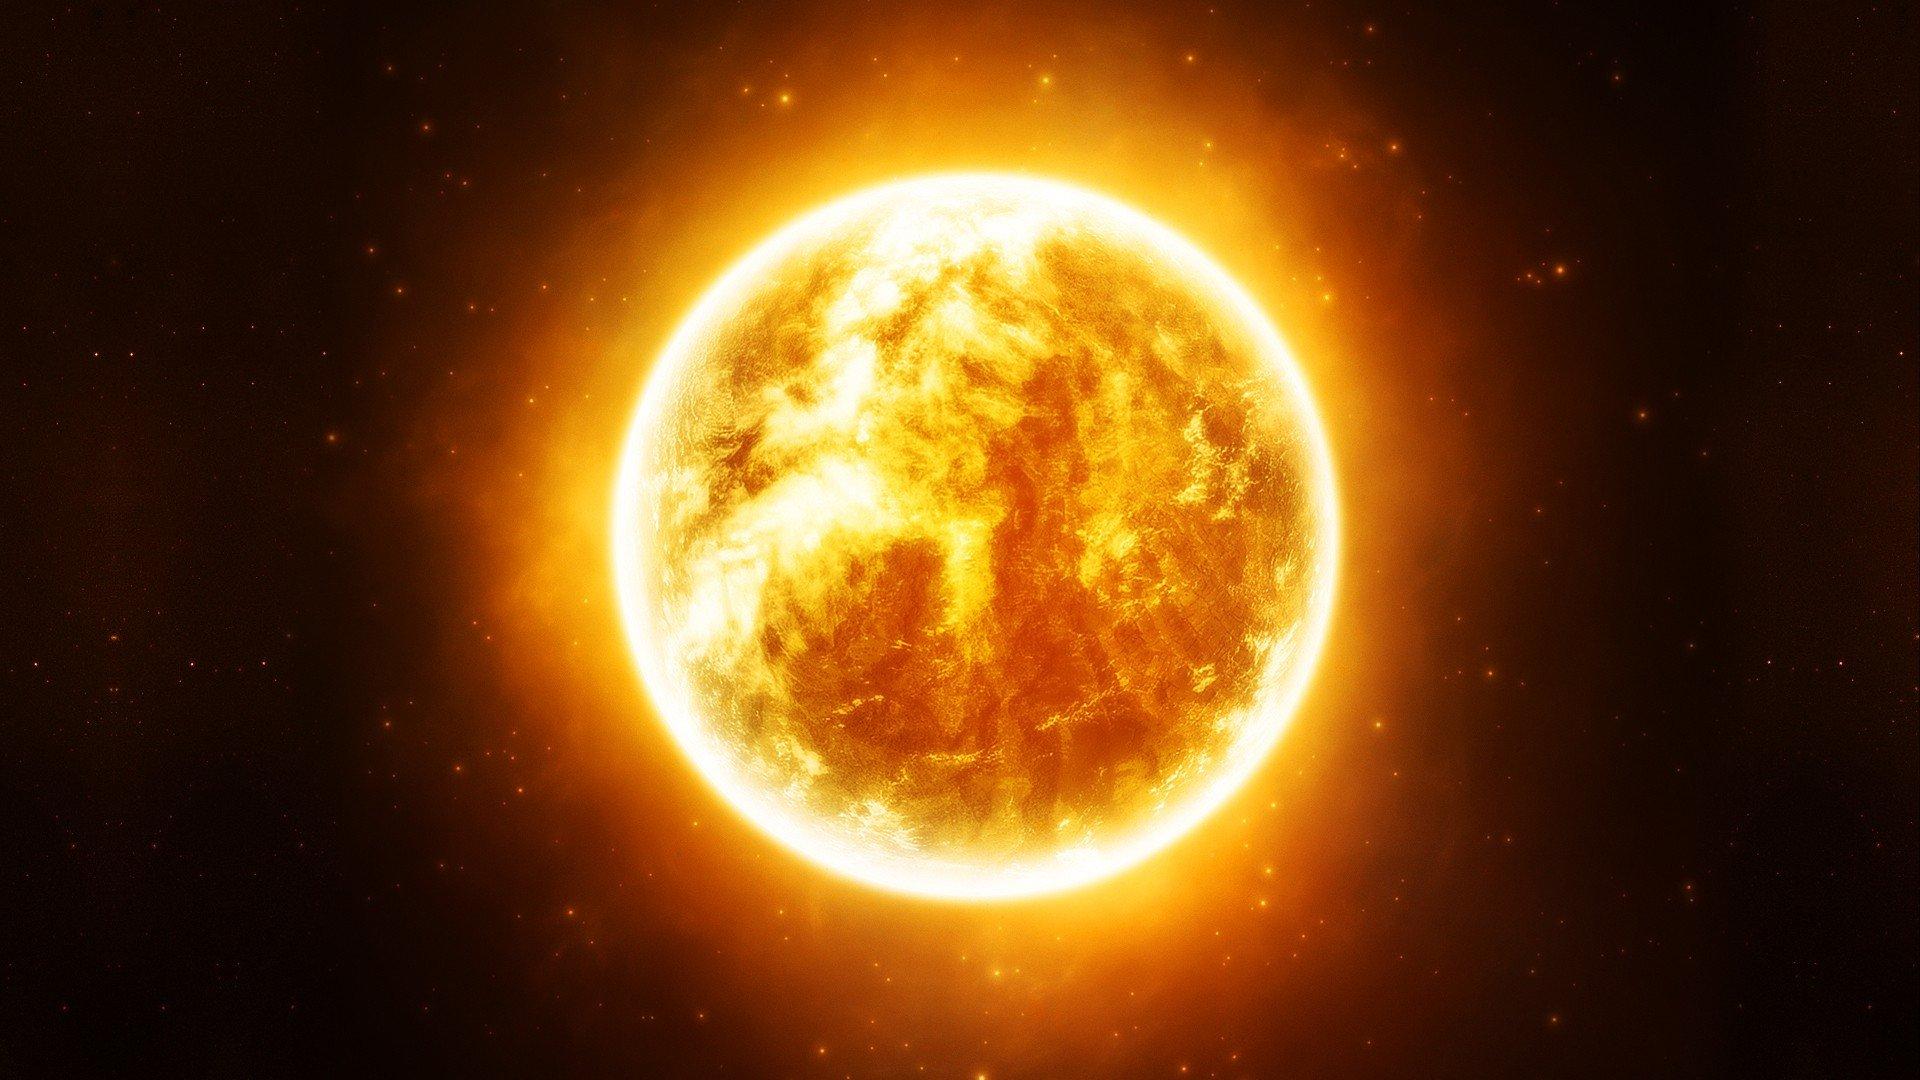 чем что будет если вылить ведро воды на солнце вот однажды отхожу